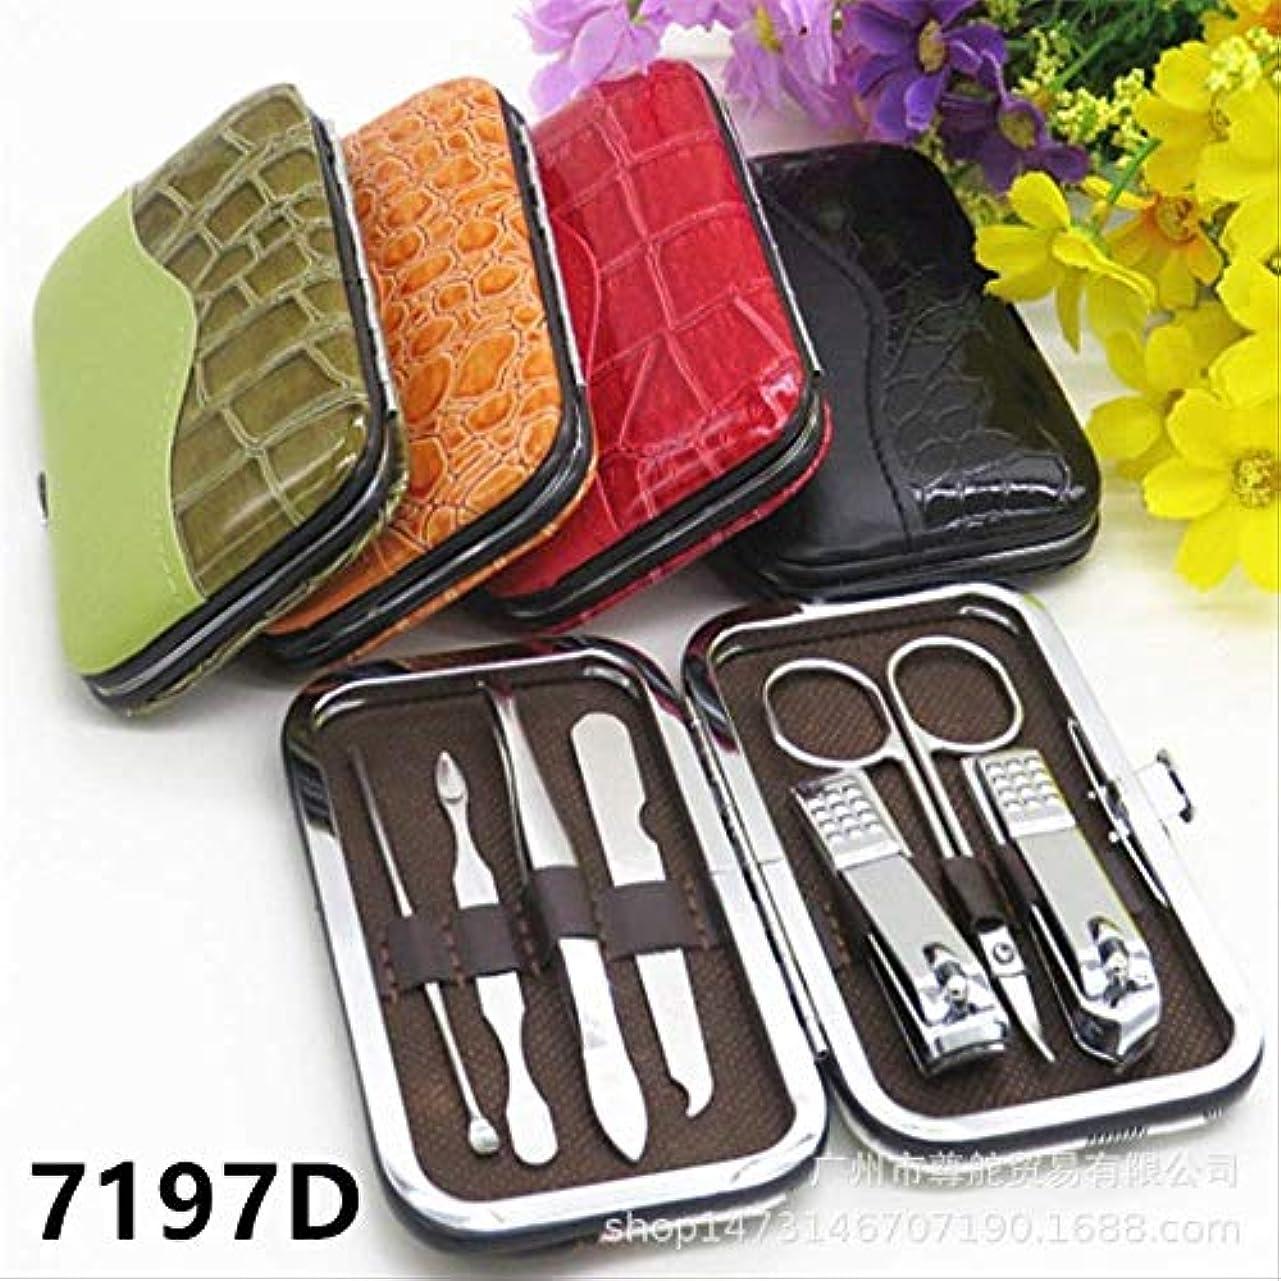 致死増強破産爪切りセット16ピースペディキュアナイフ美容プライヤー爪ツール 7197D